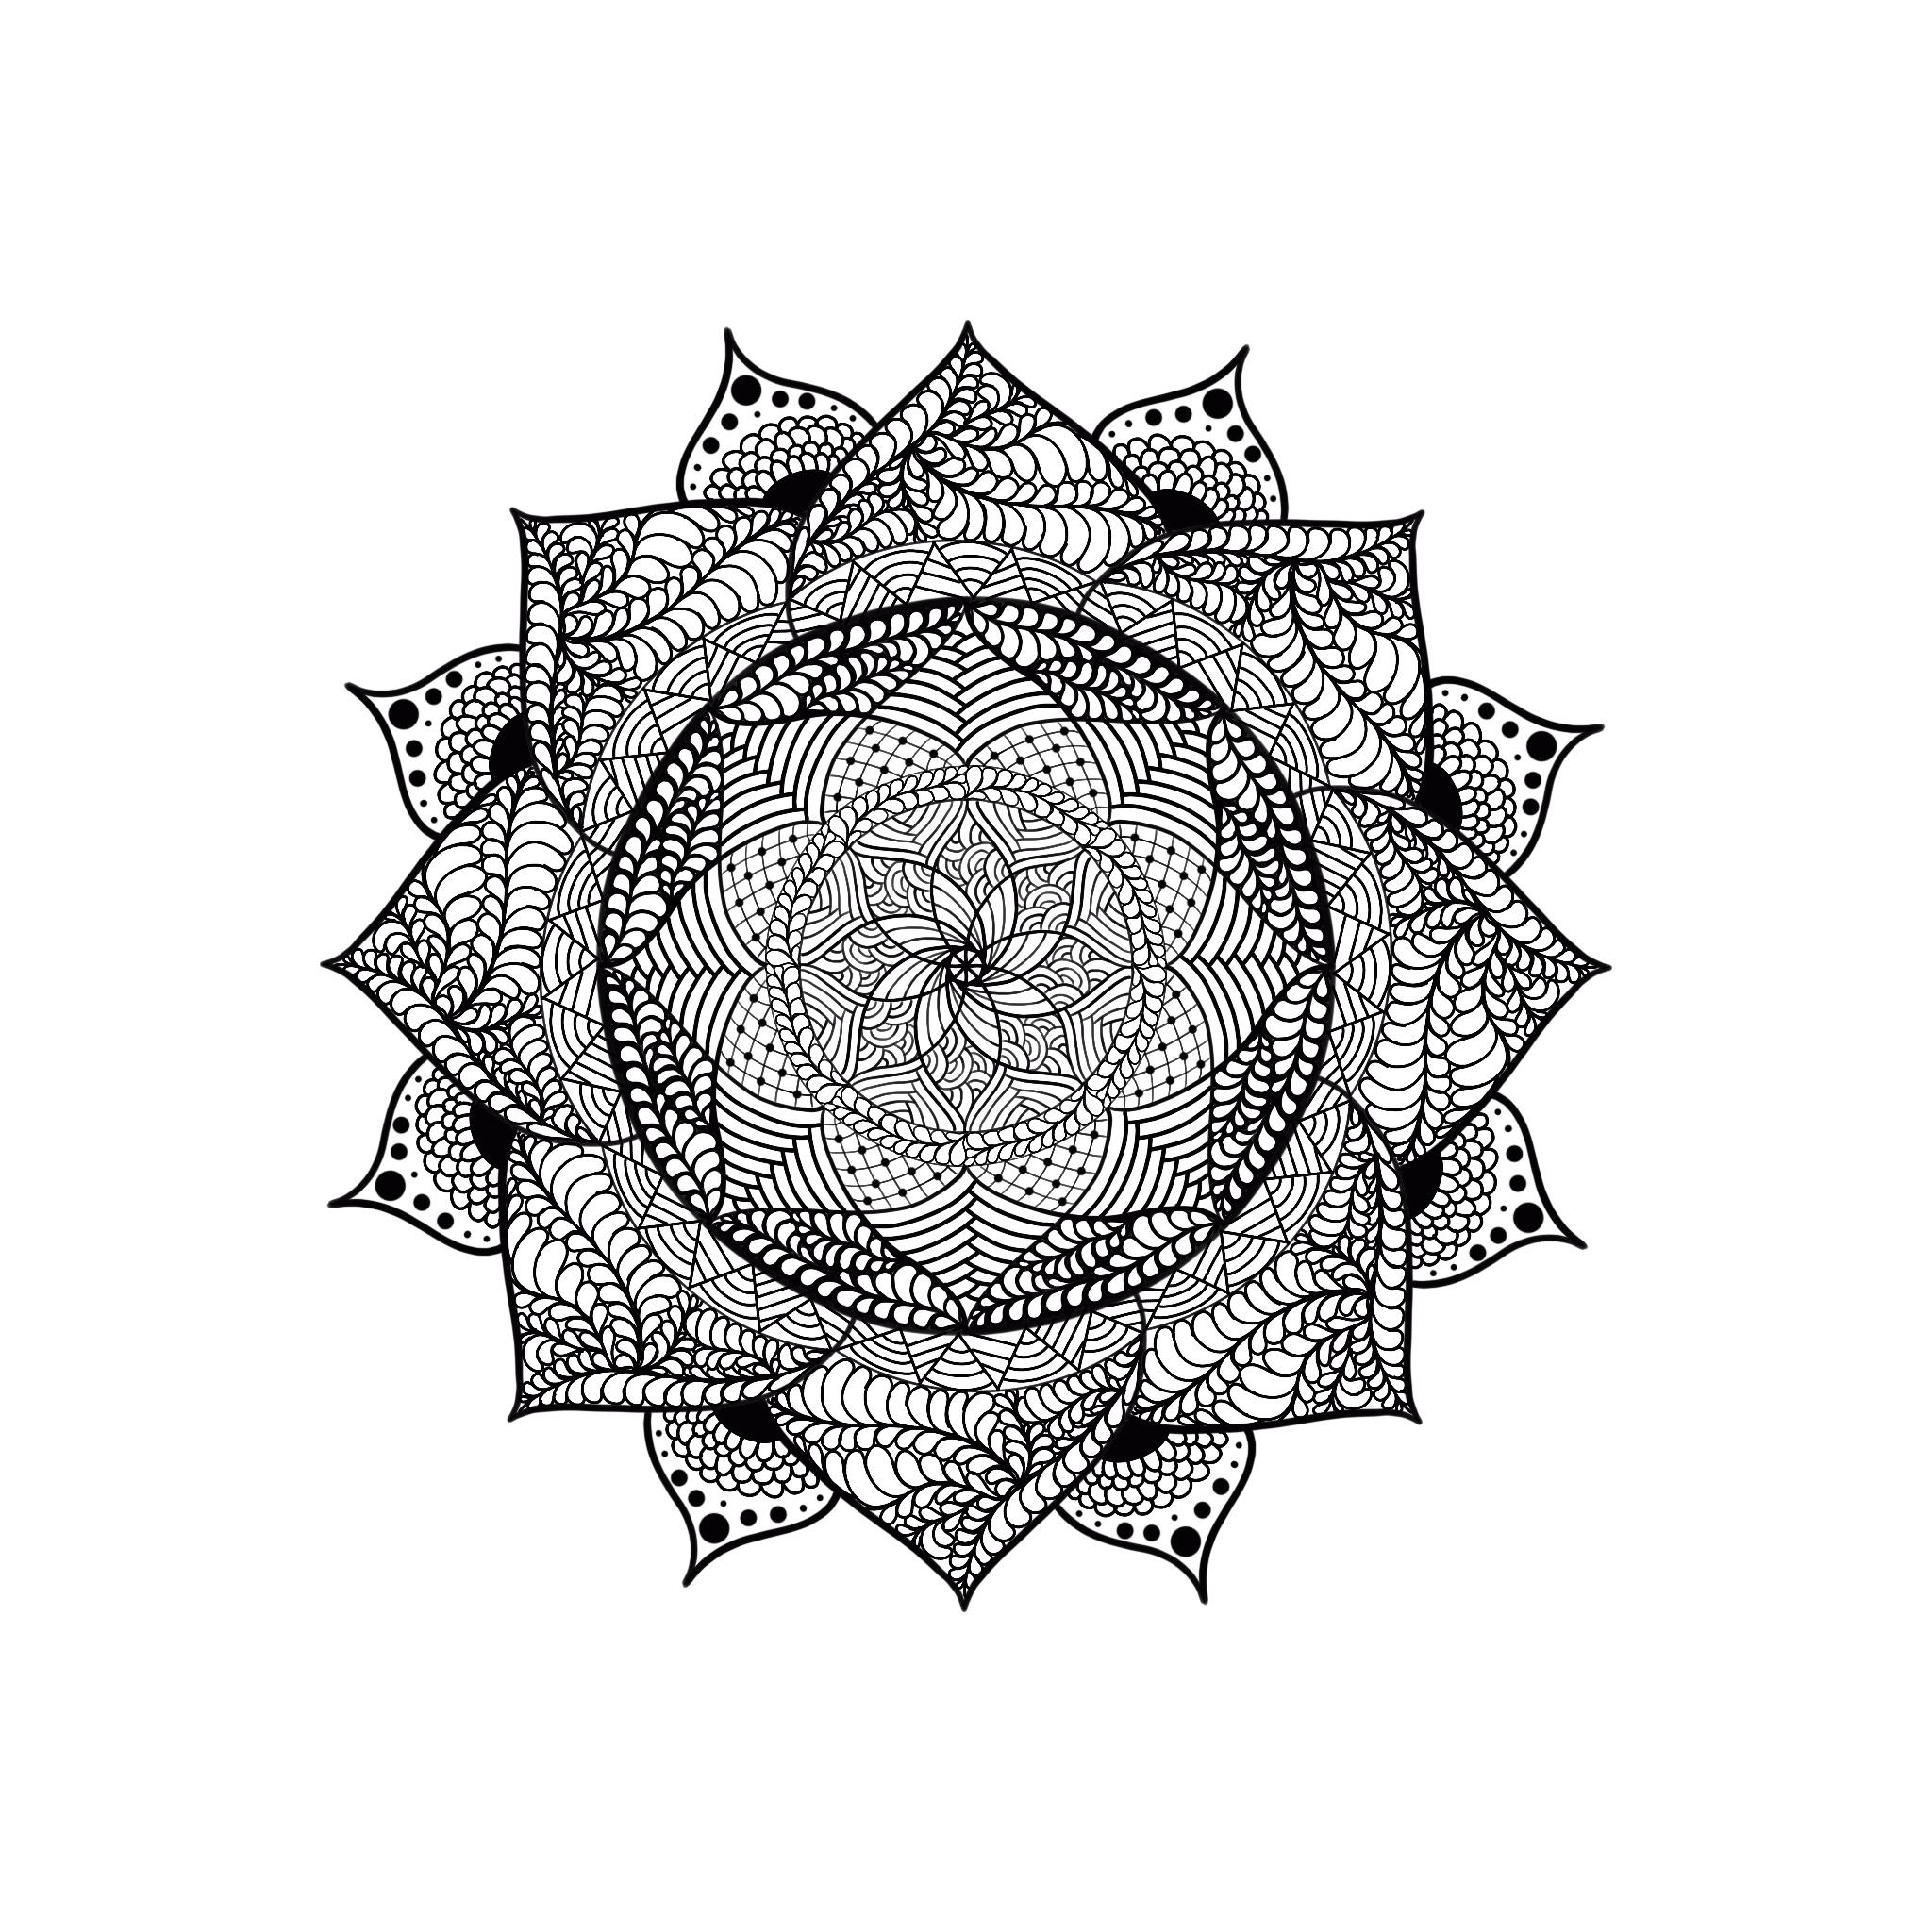 Mandala_73